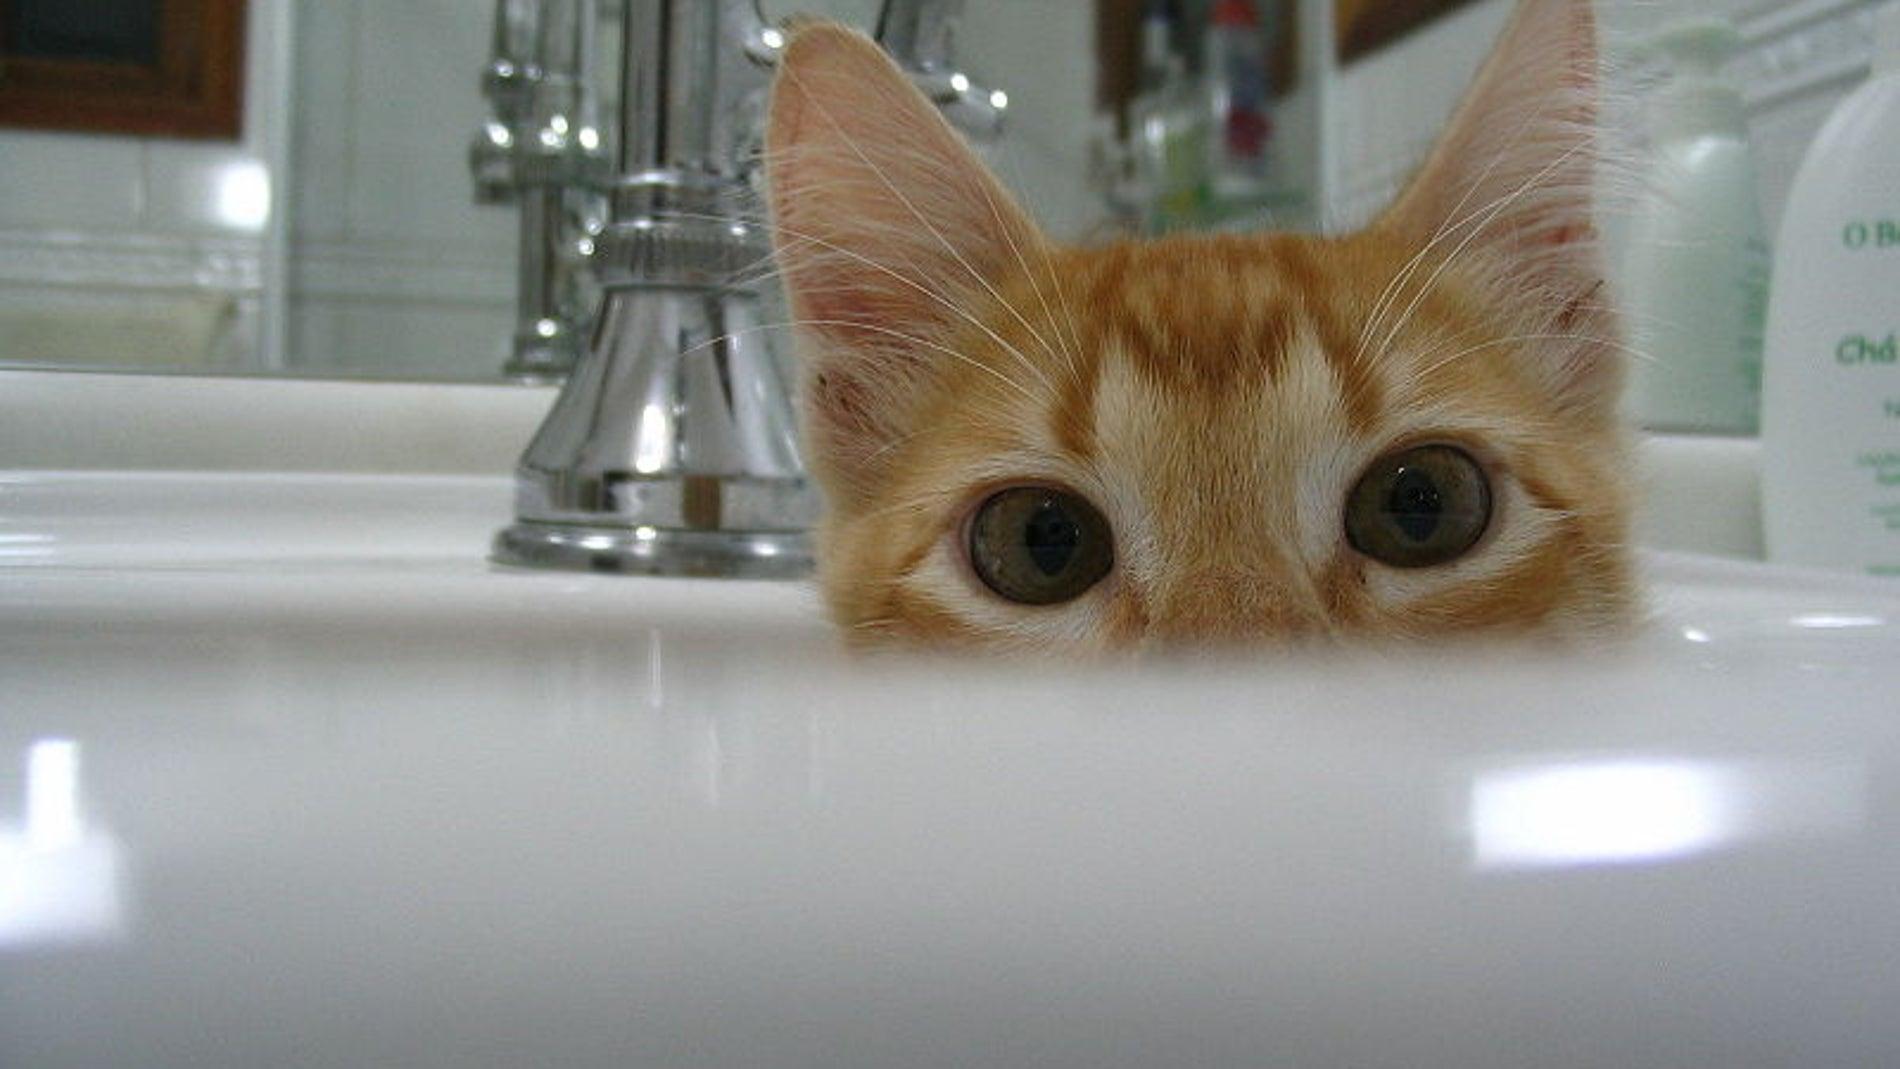 Los gatos son muy parlanchines, solo hay que saber identificar si te están saludando o echando la bronca porque no les queda comida